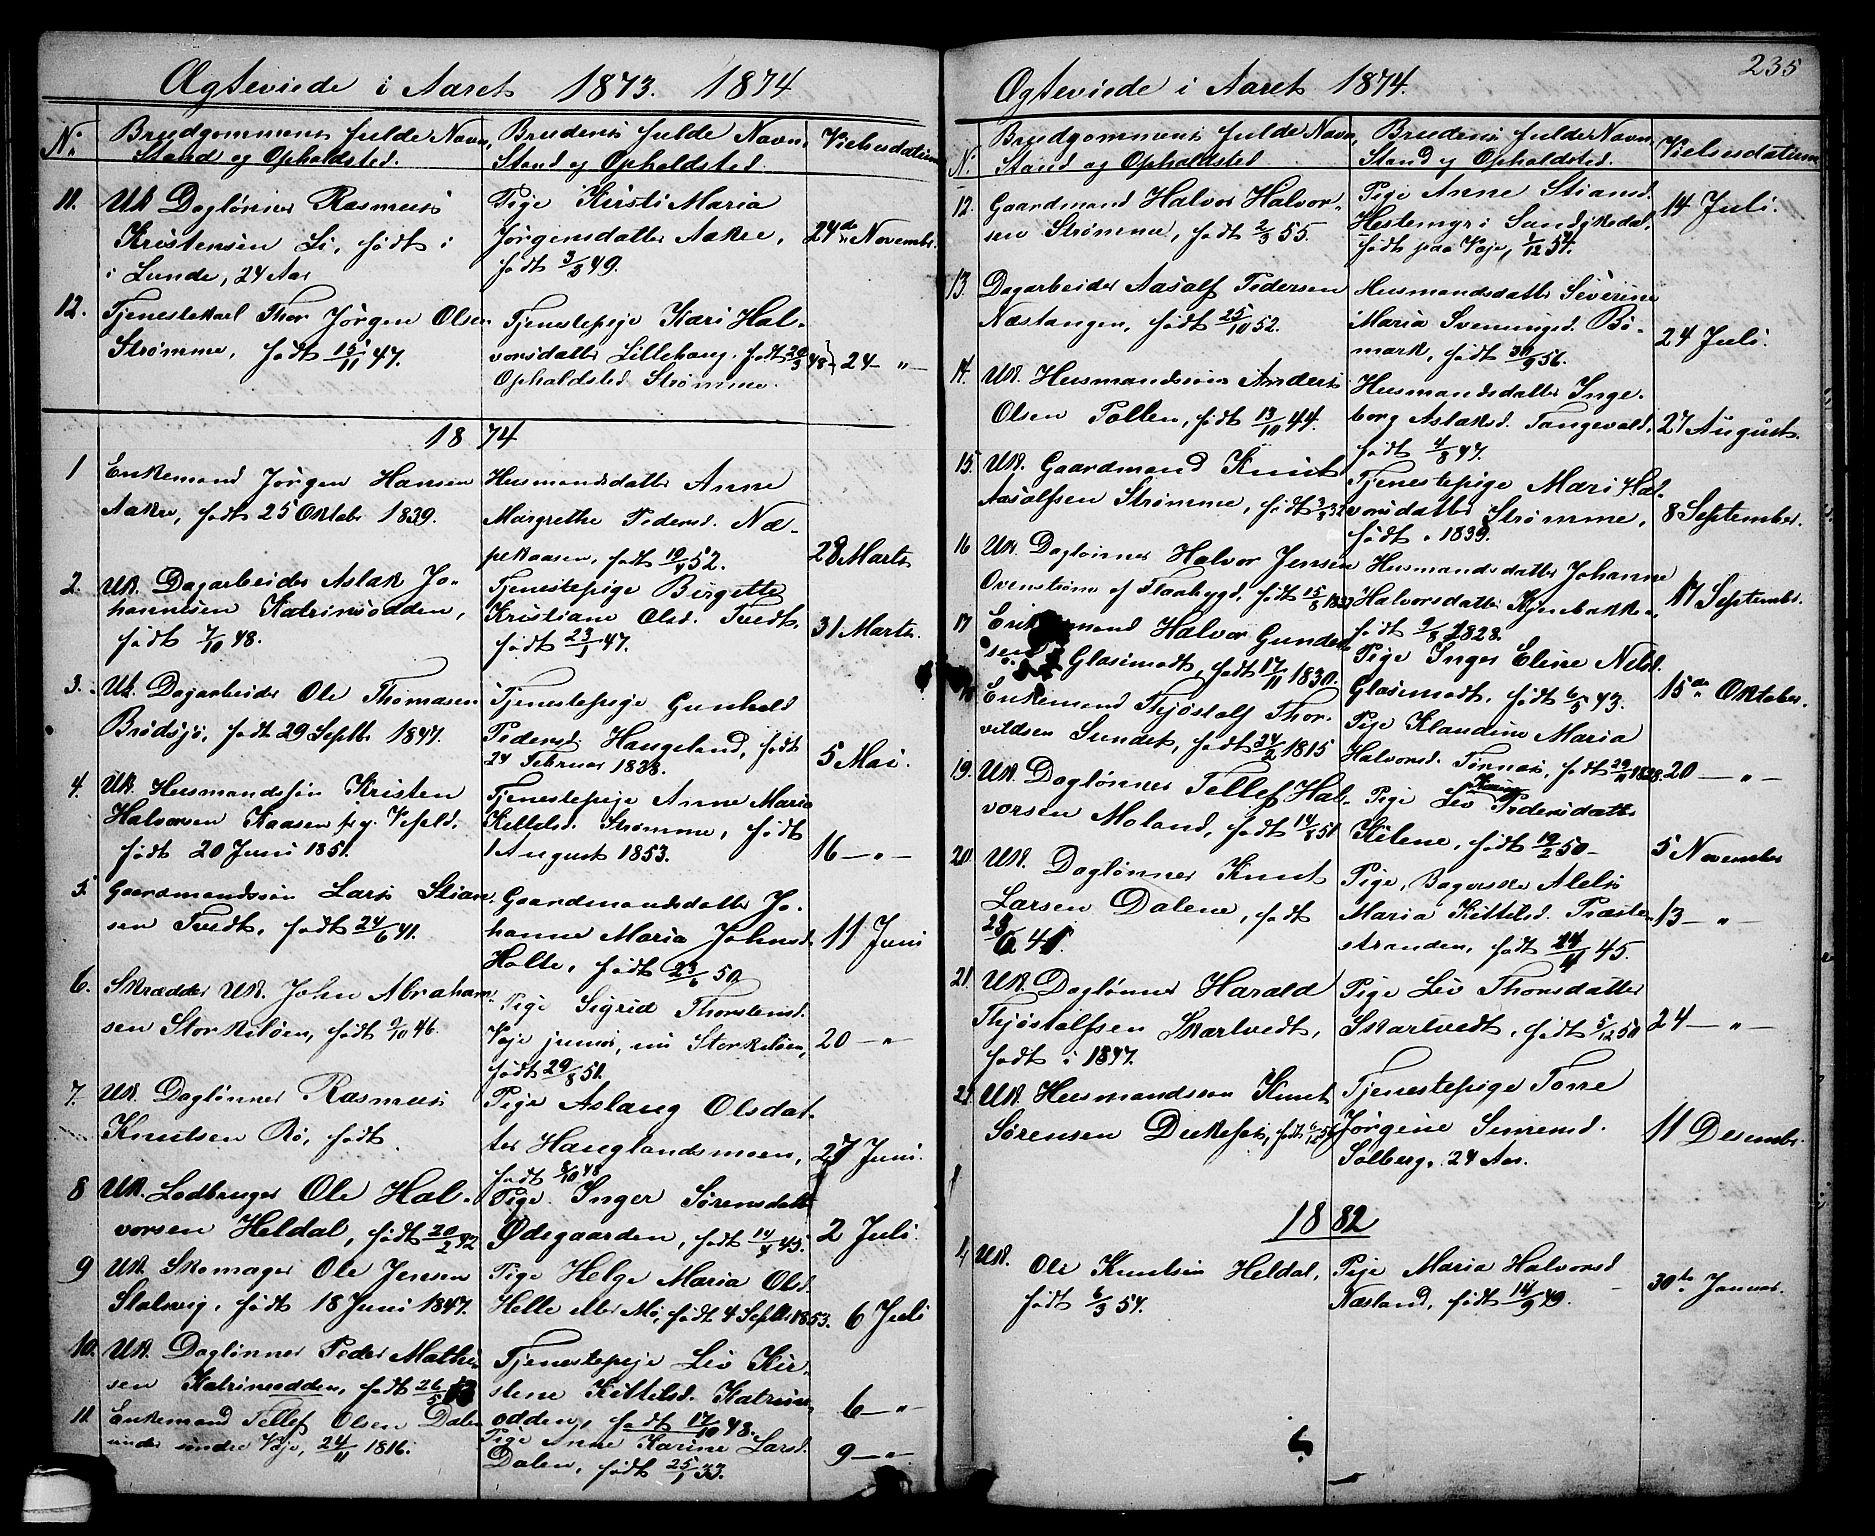 SAKO, Drangedal kirkebøker, G/Ga/L0002: Klokkerbok nr. I 2, 1856-1887, s. 235